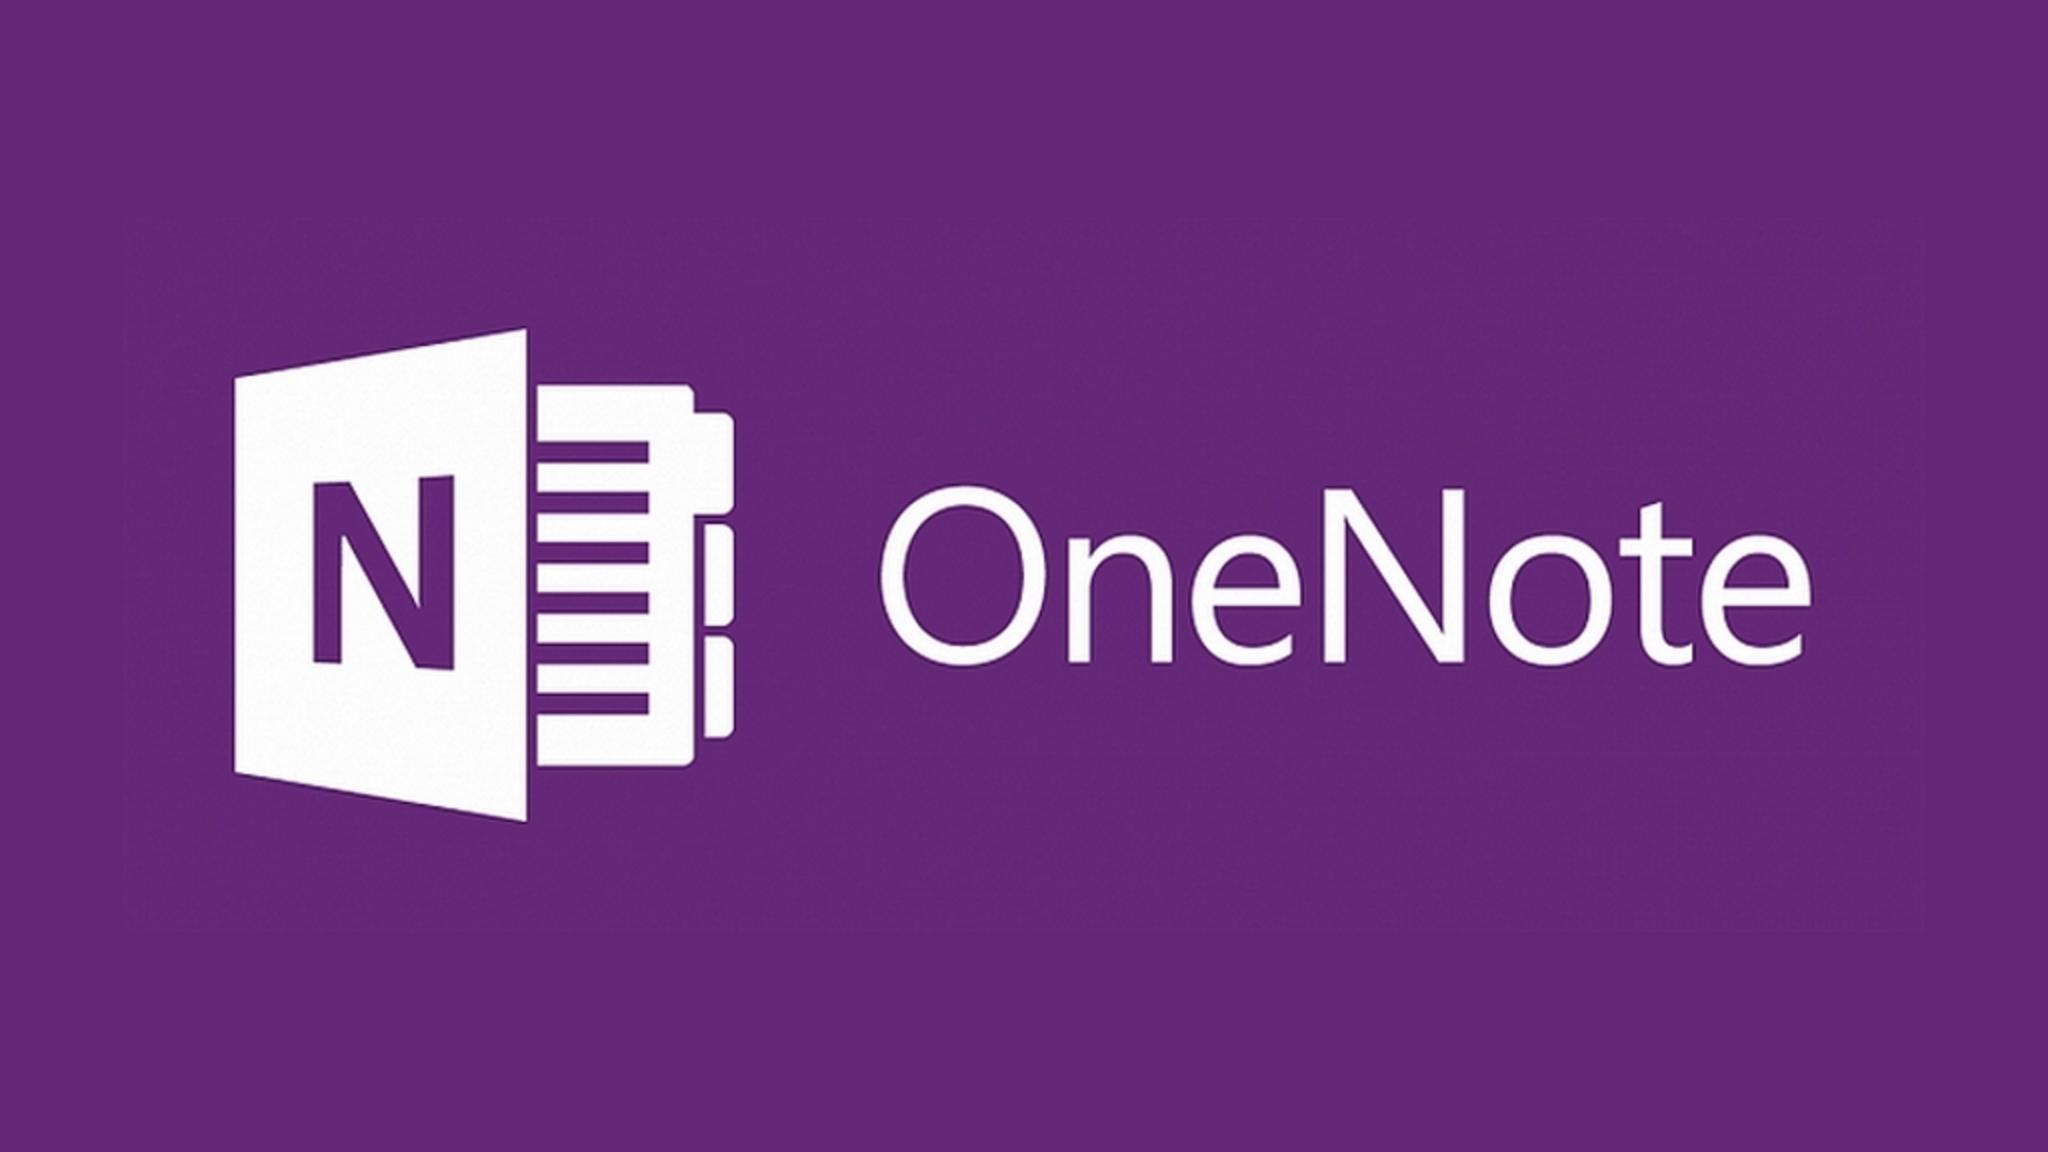 Webseiten, Artikel, Bilder und mehr können direkt nach OneNote übertragen werden.